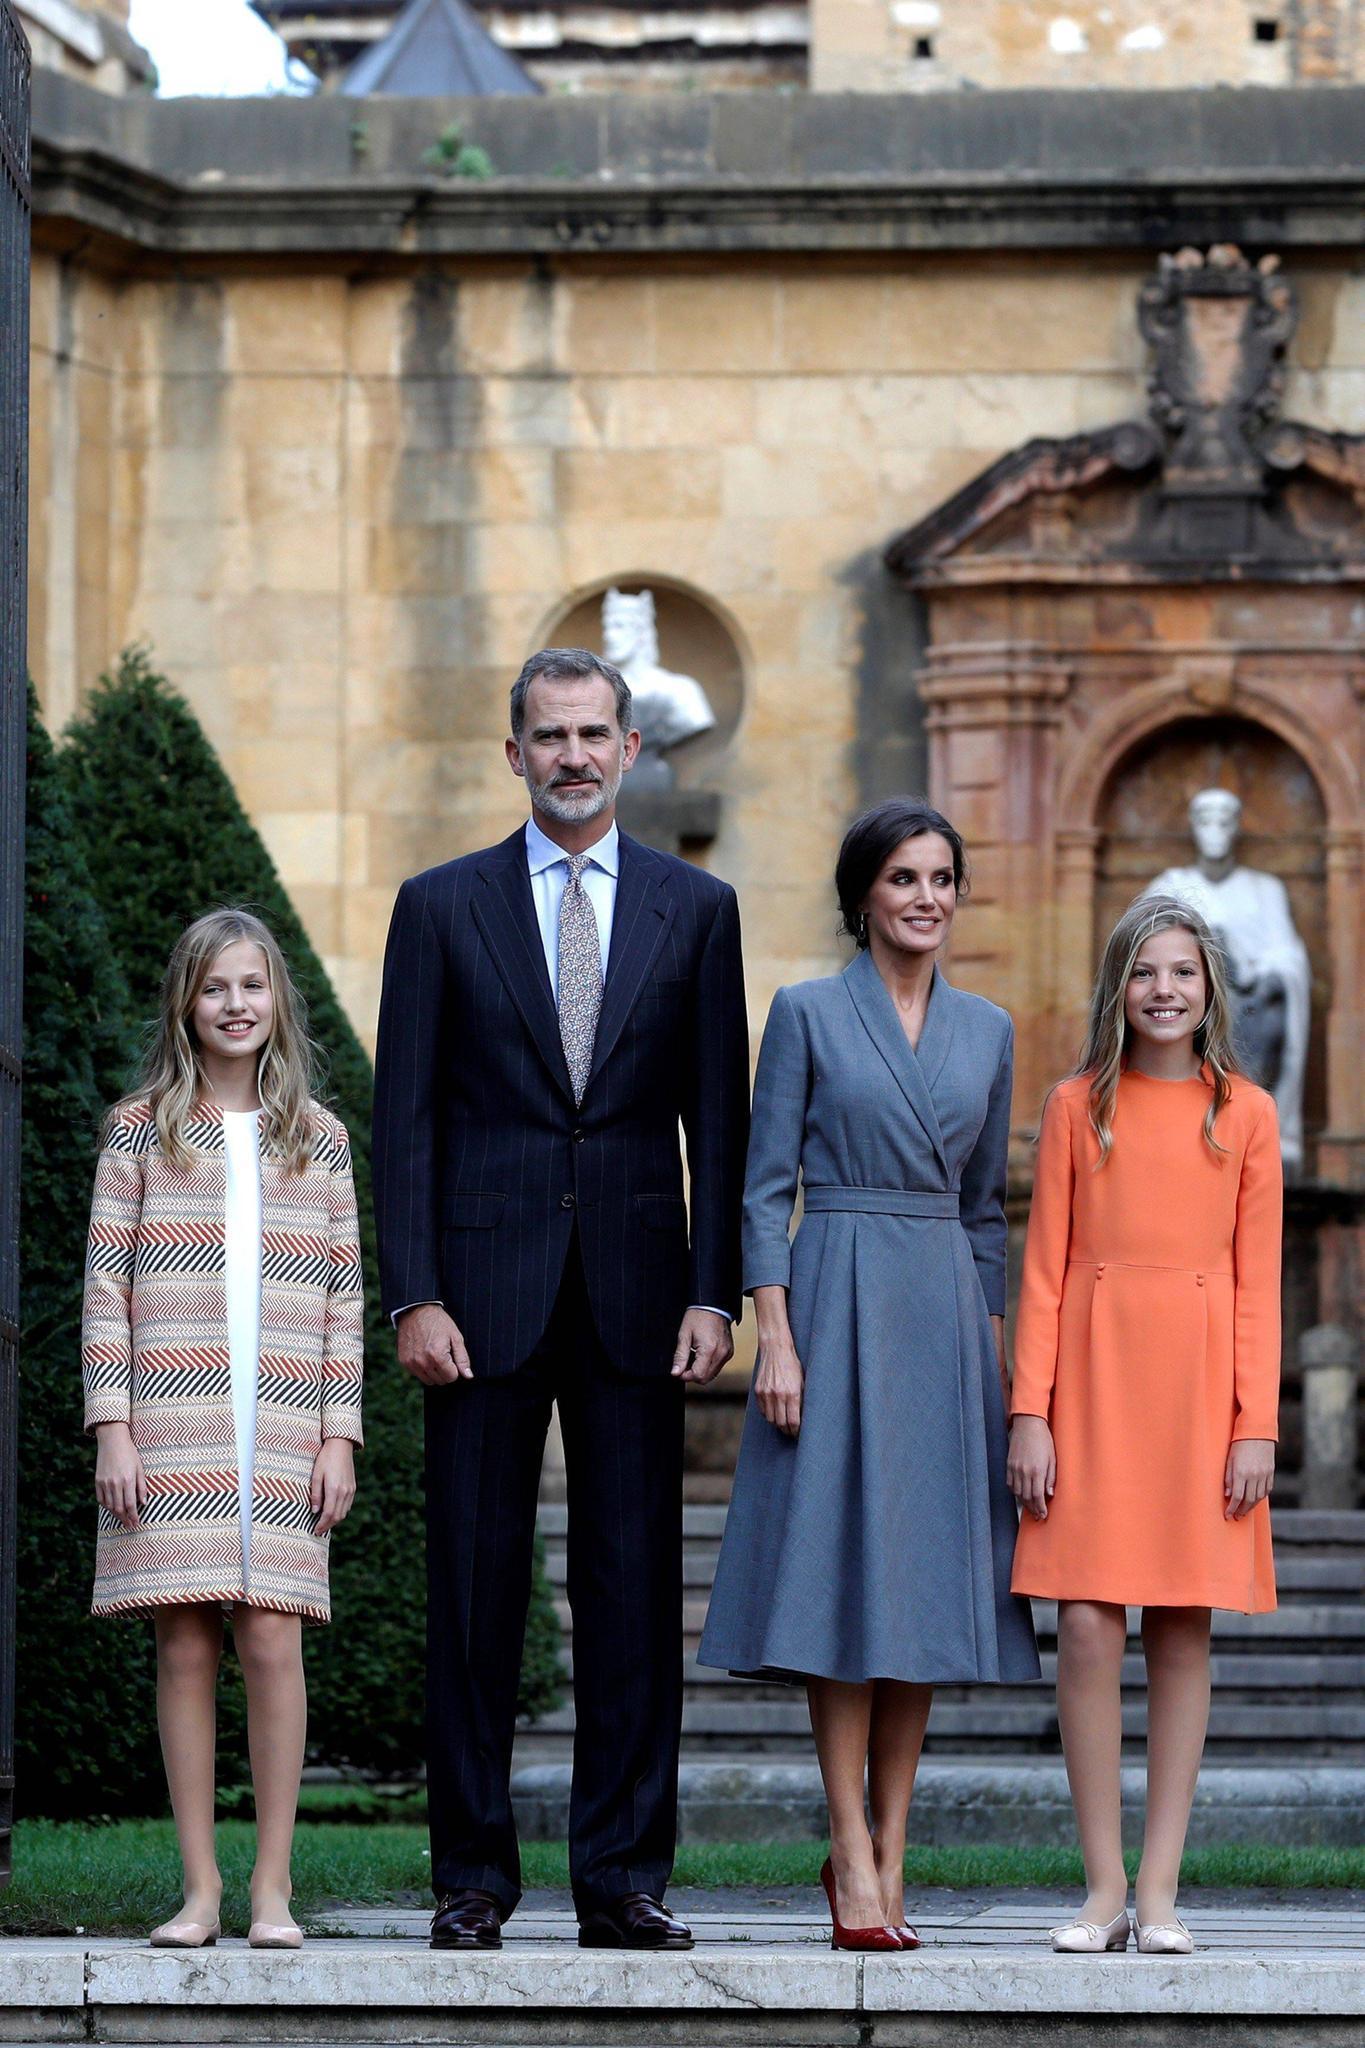 17. Oktober 2019  Zu Beginn der Feierlichkeiten anlässlich der Prinzessin-von-Asturien-Preise werden Prinzessin Leonor, König Felipe, Königin Letizia und Prinzessin Sofía in Oviedo im Fürstentum Asturien begrüßt.